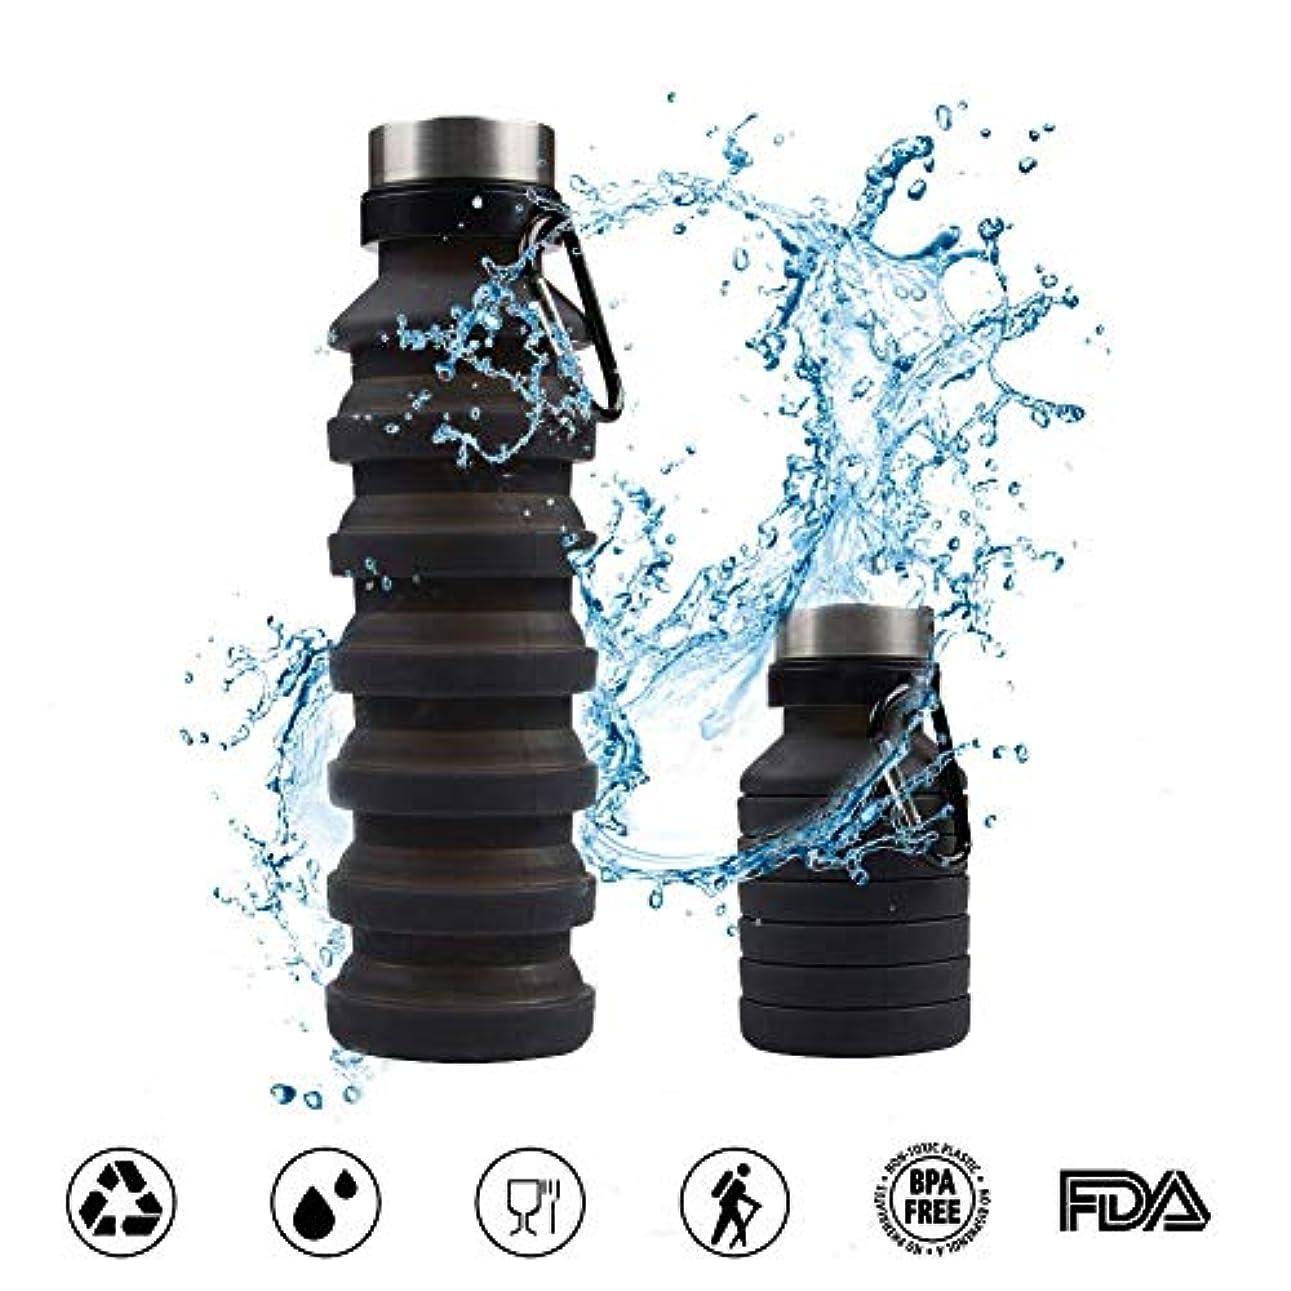 等しい後者遠洋の折りたたみ式ウォーターボトル、折りたたみ式シリコンケトル、FDA承認済み、BPAフリー、キャップ付き秋のスポーツボトル、550ML、ブラック